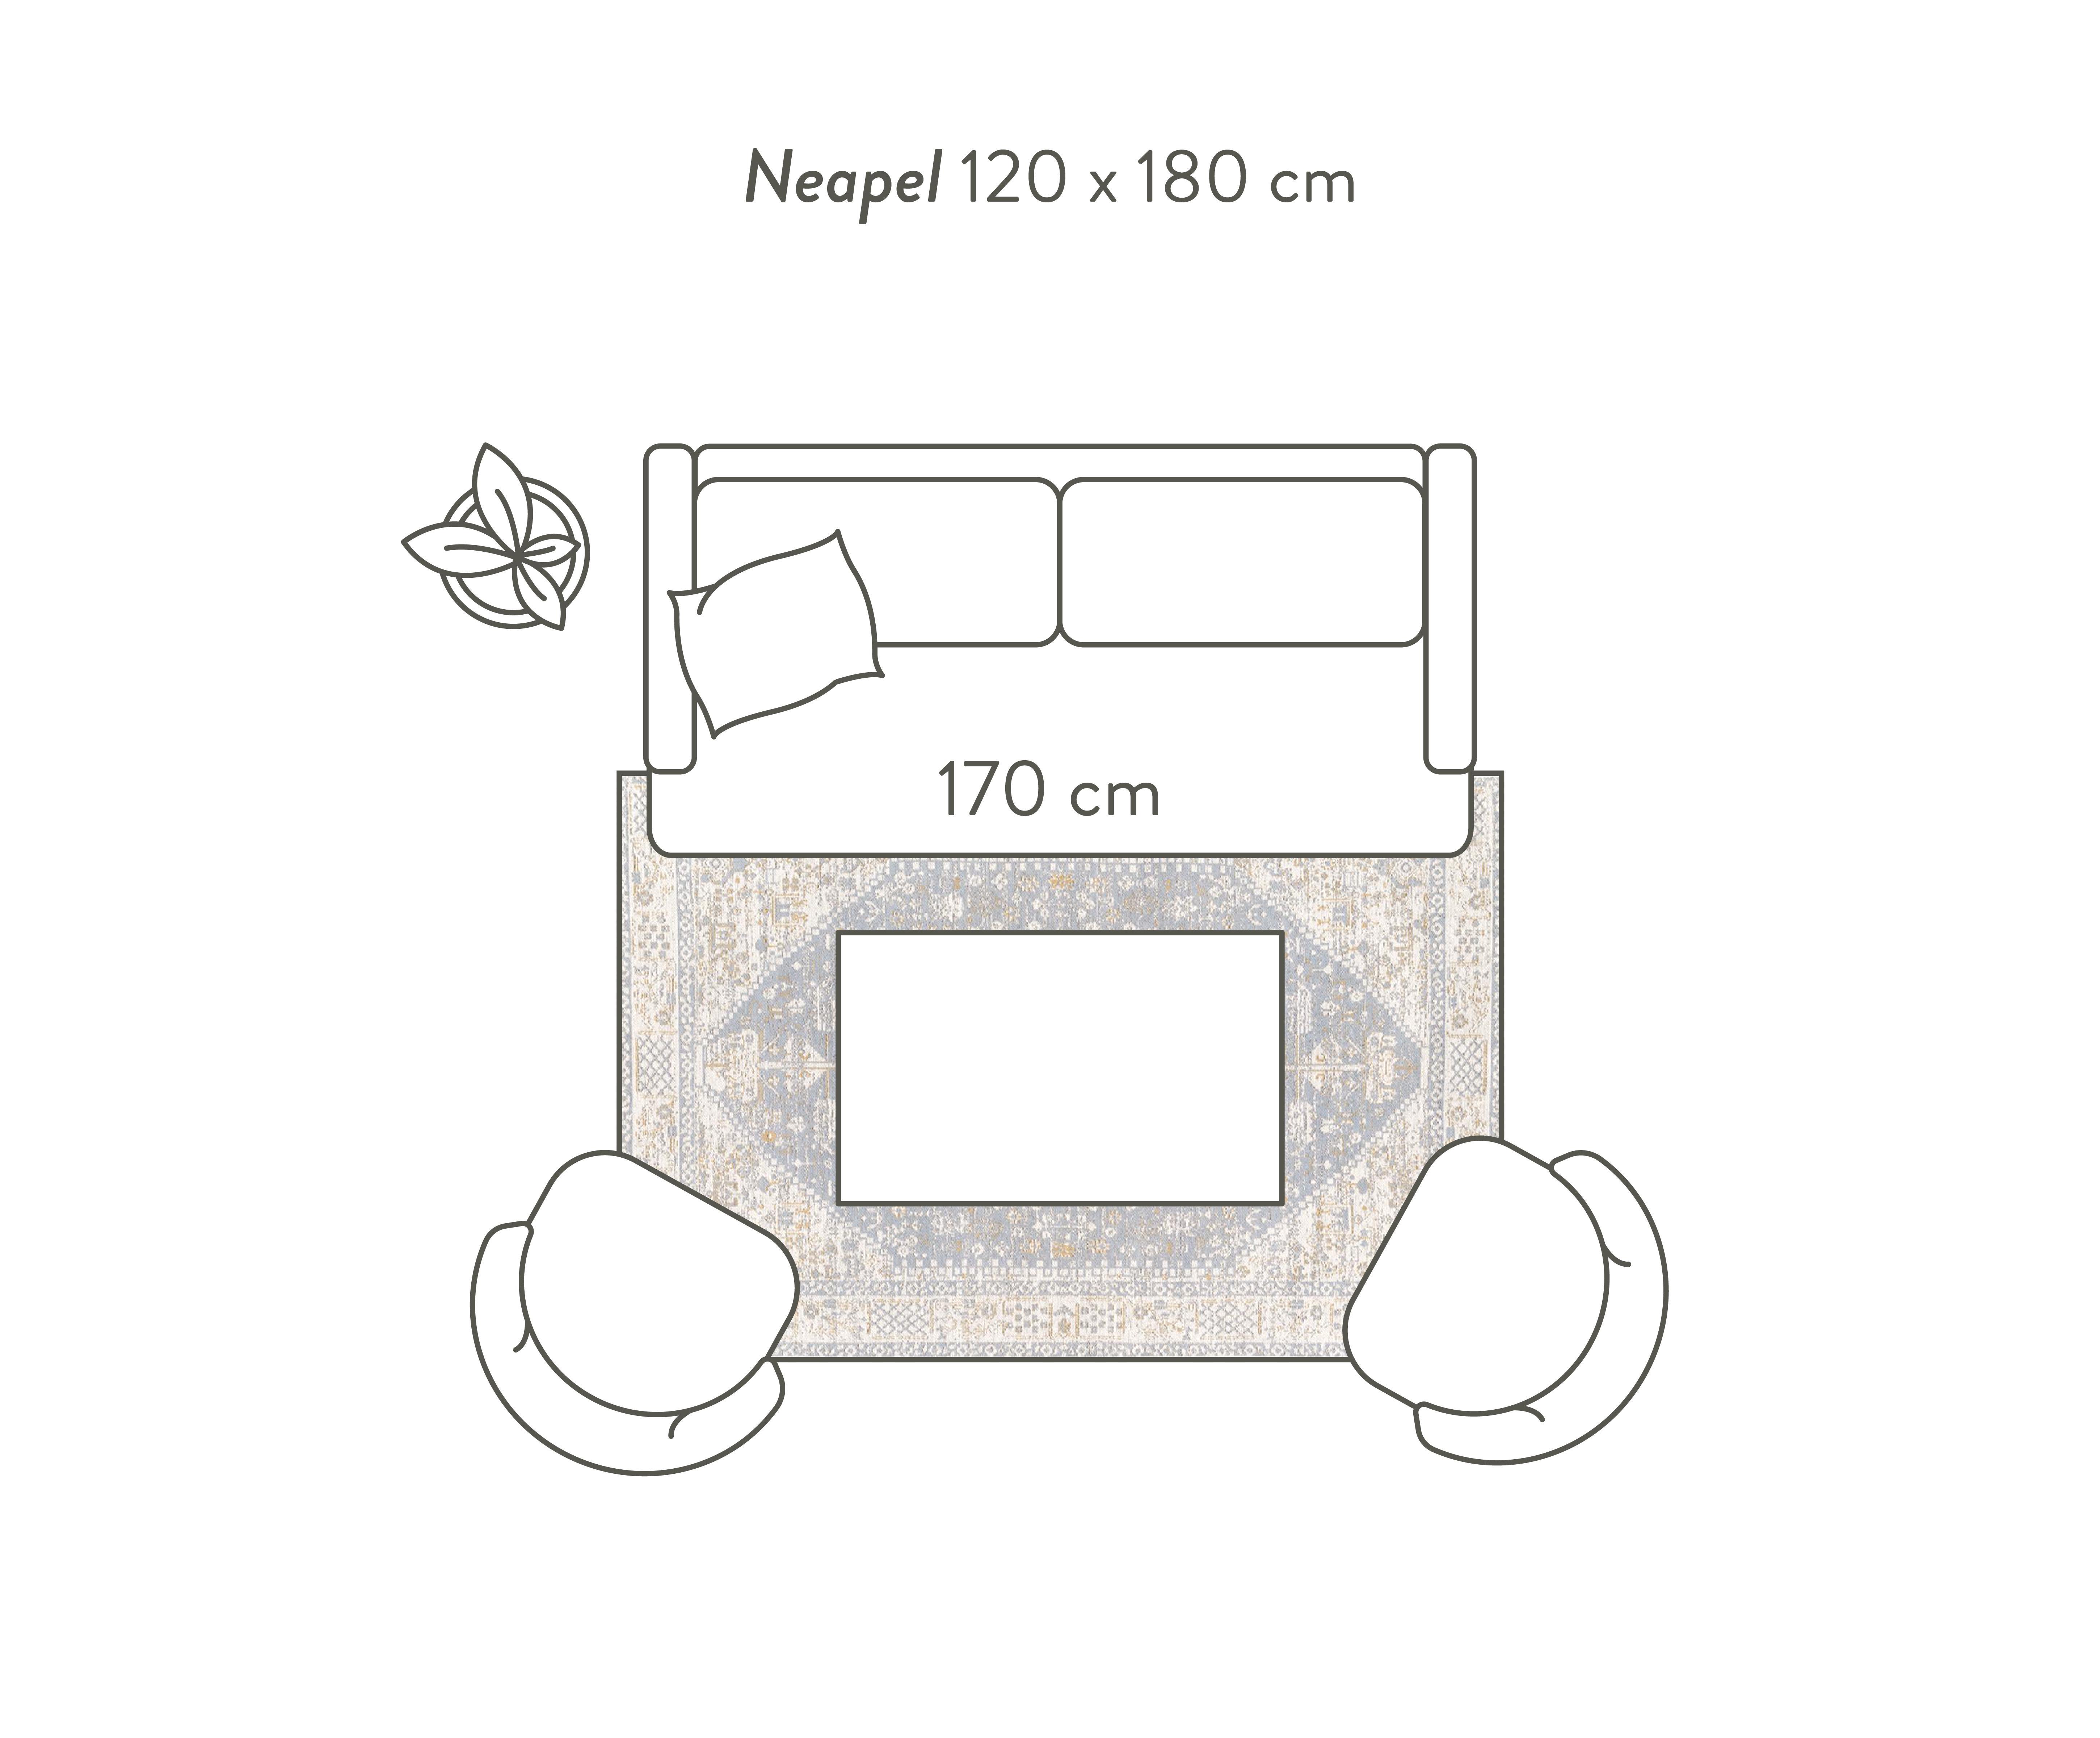 Handgeweven chenille vloerkleed Neapel in vintage stijl, Bovenzijde: 95% katoen, 5% polyester, Onderzijde: 100% katoen, Lichtgrijs, crèmekleurig, taupe, B 200 x L 300 cm (maat L)